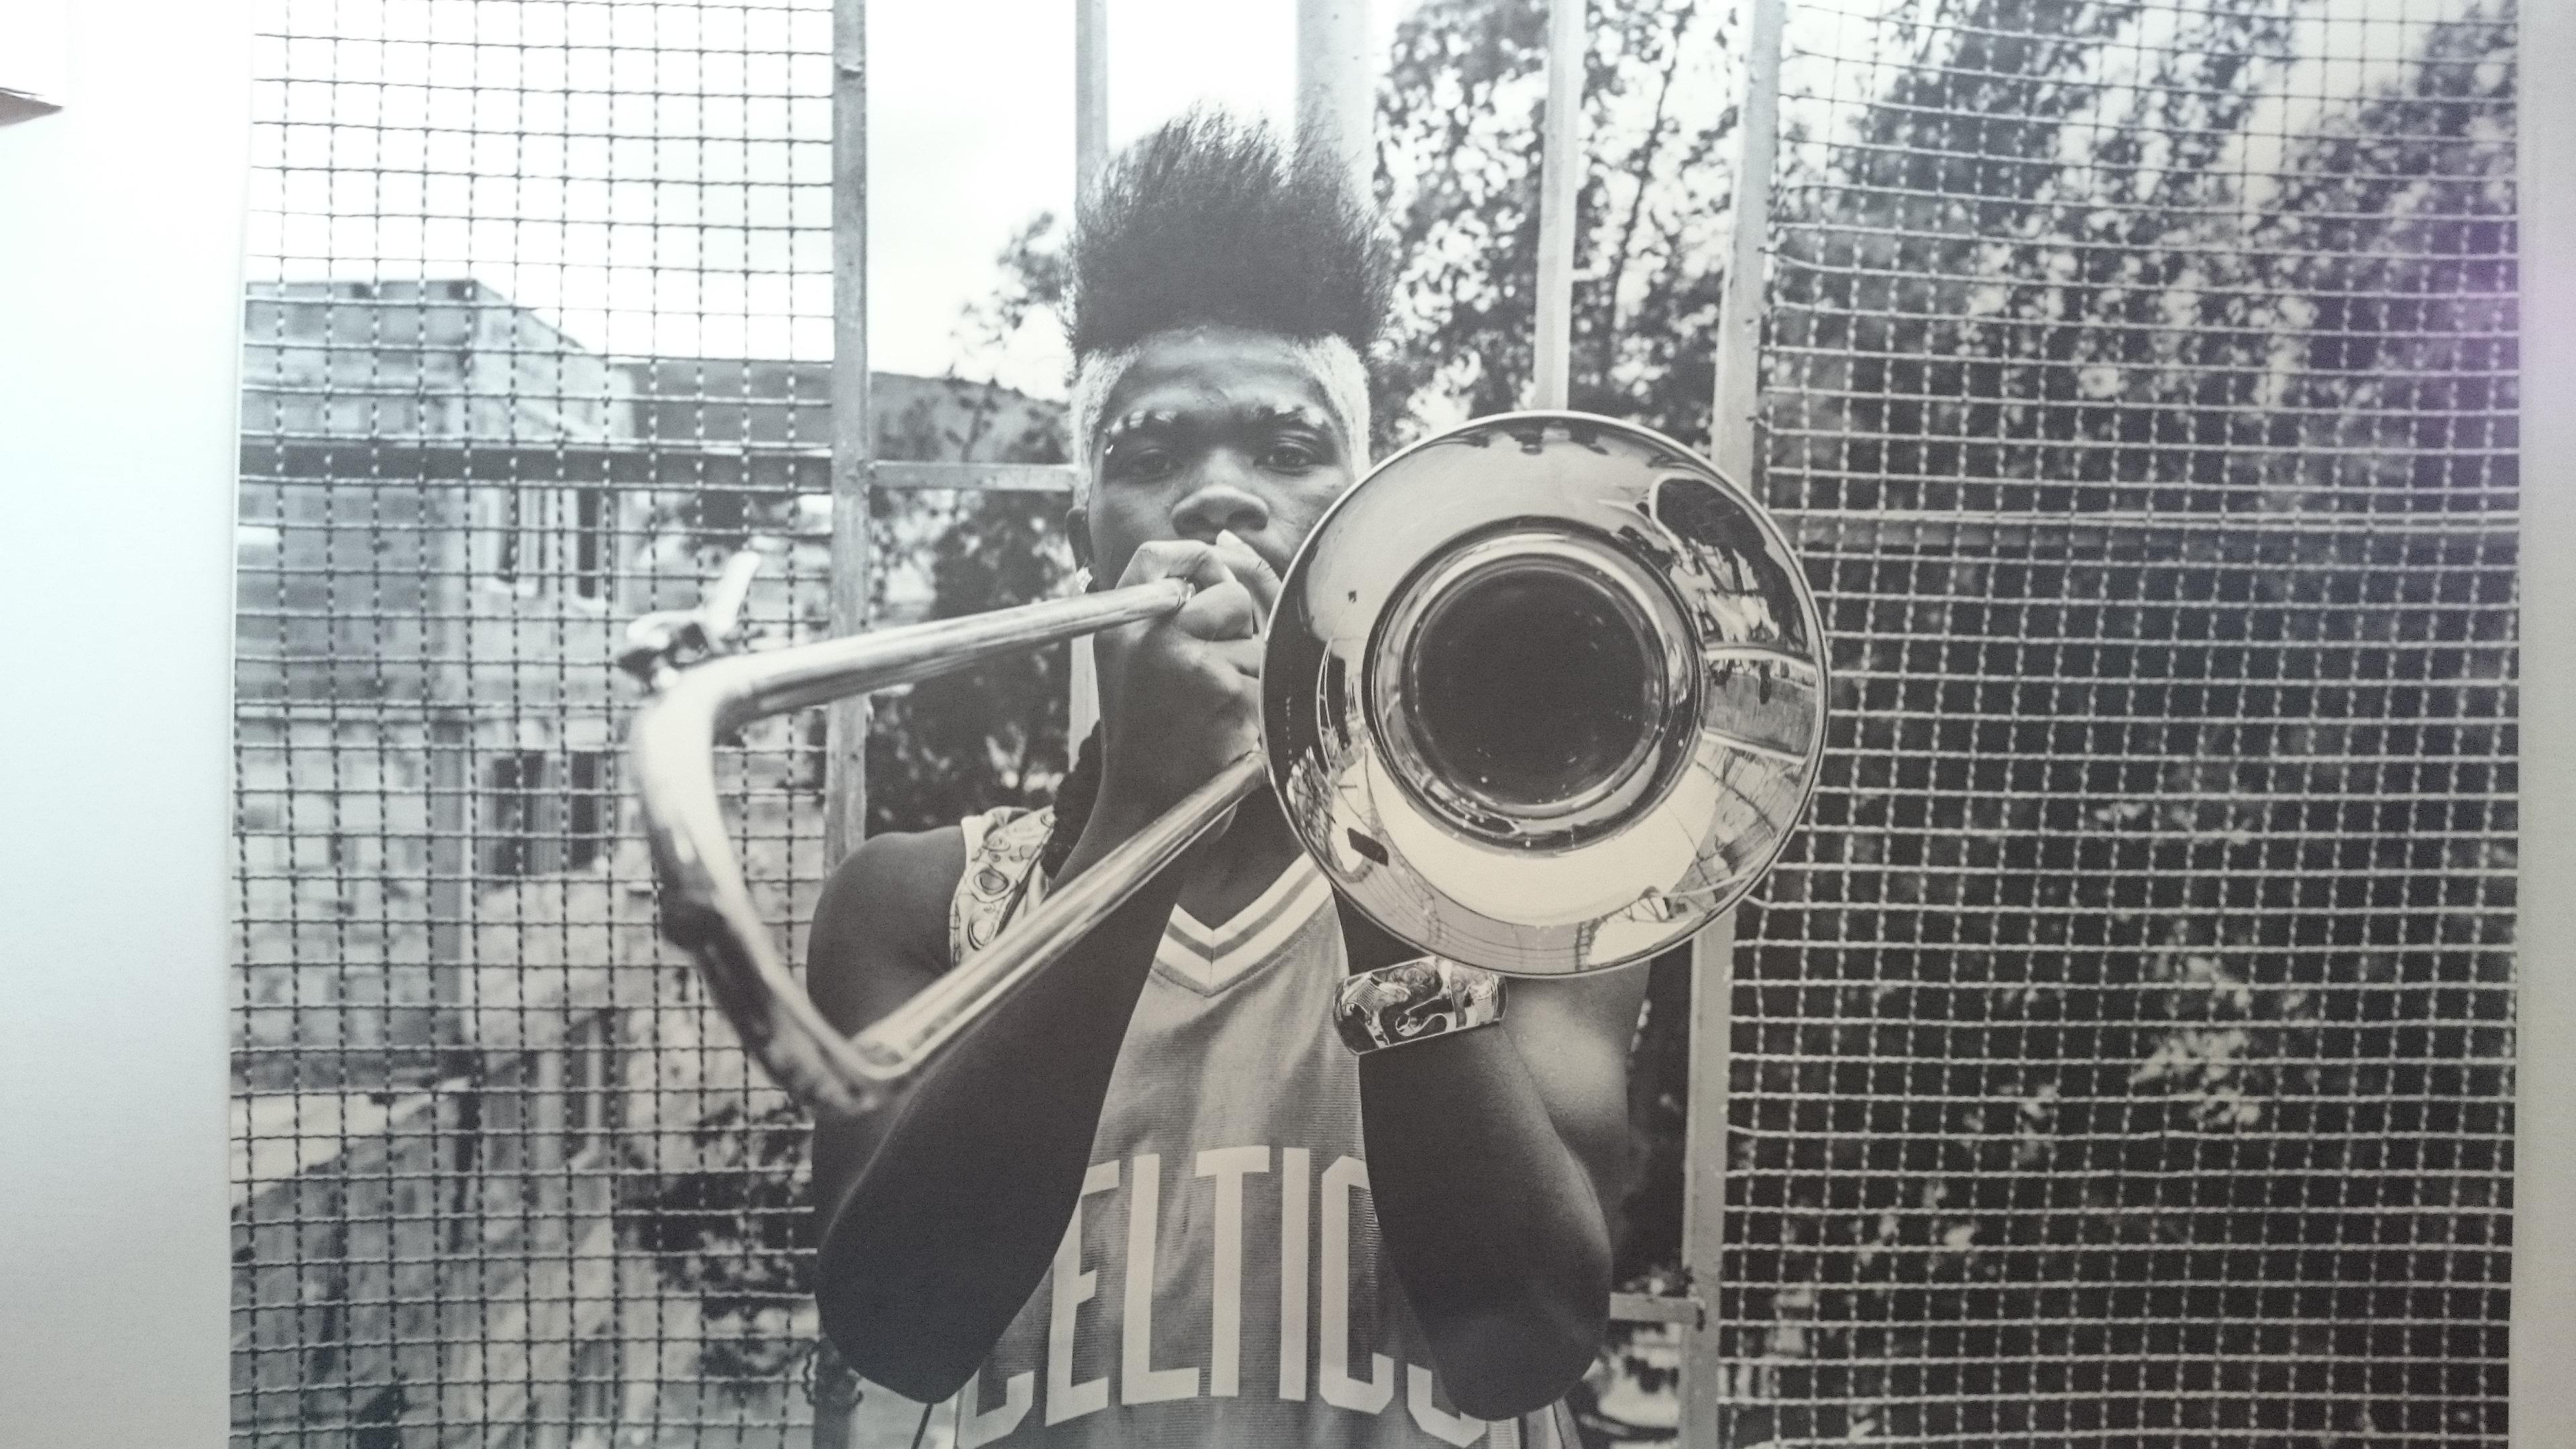 Ciudad Bolívar - trumpet